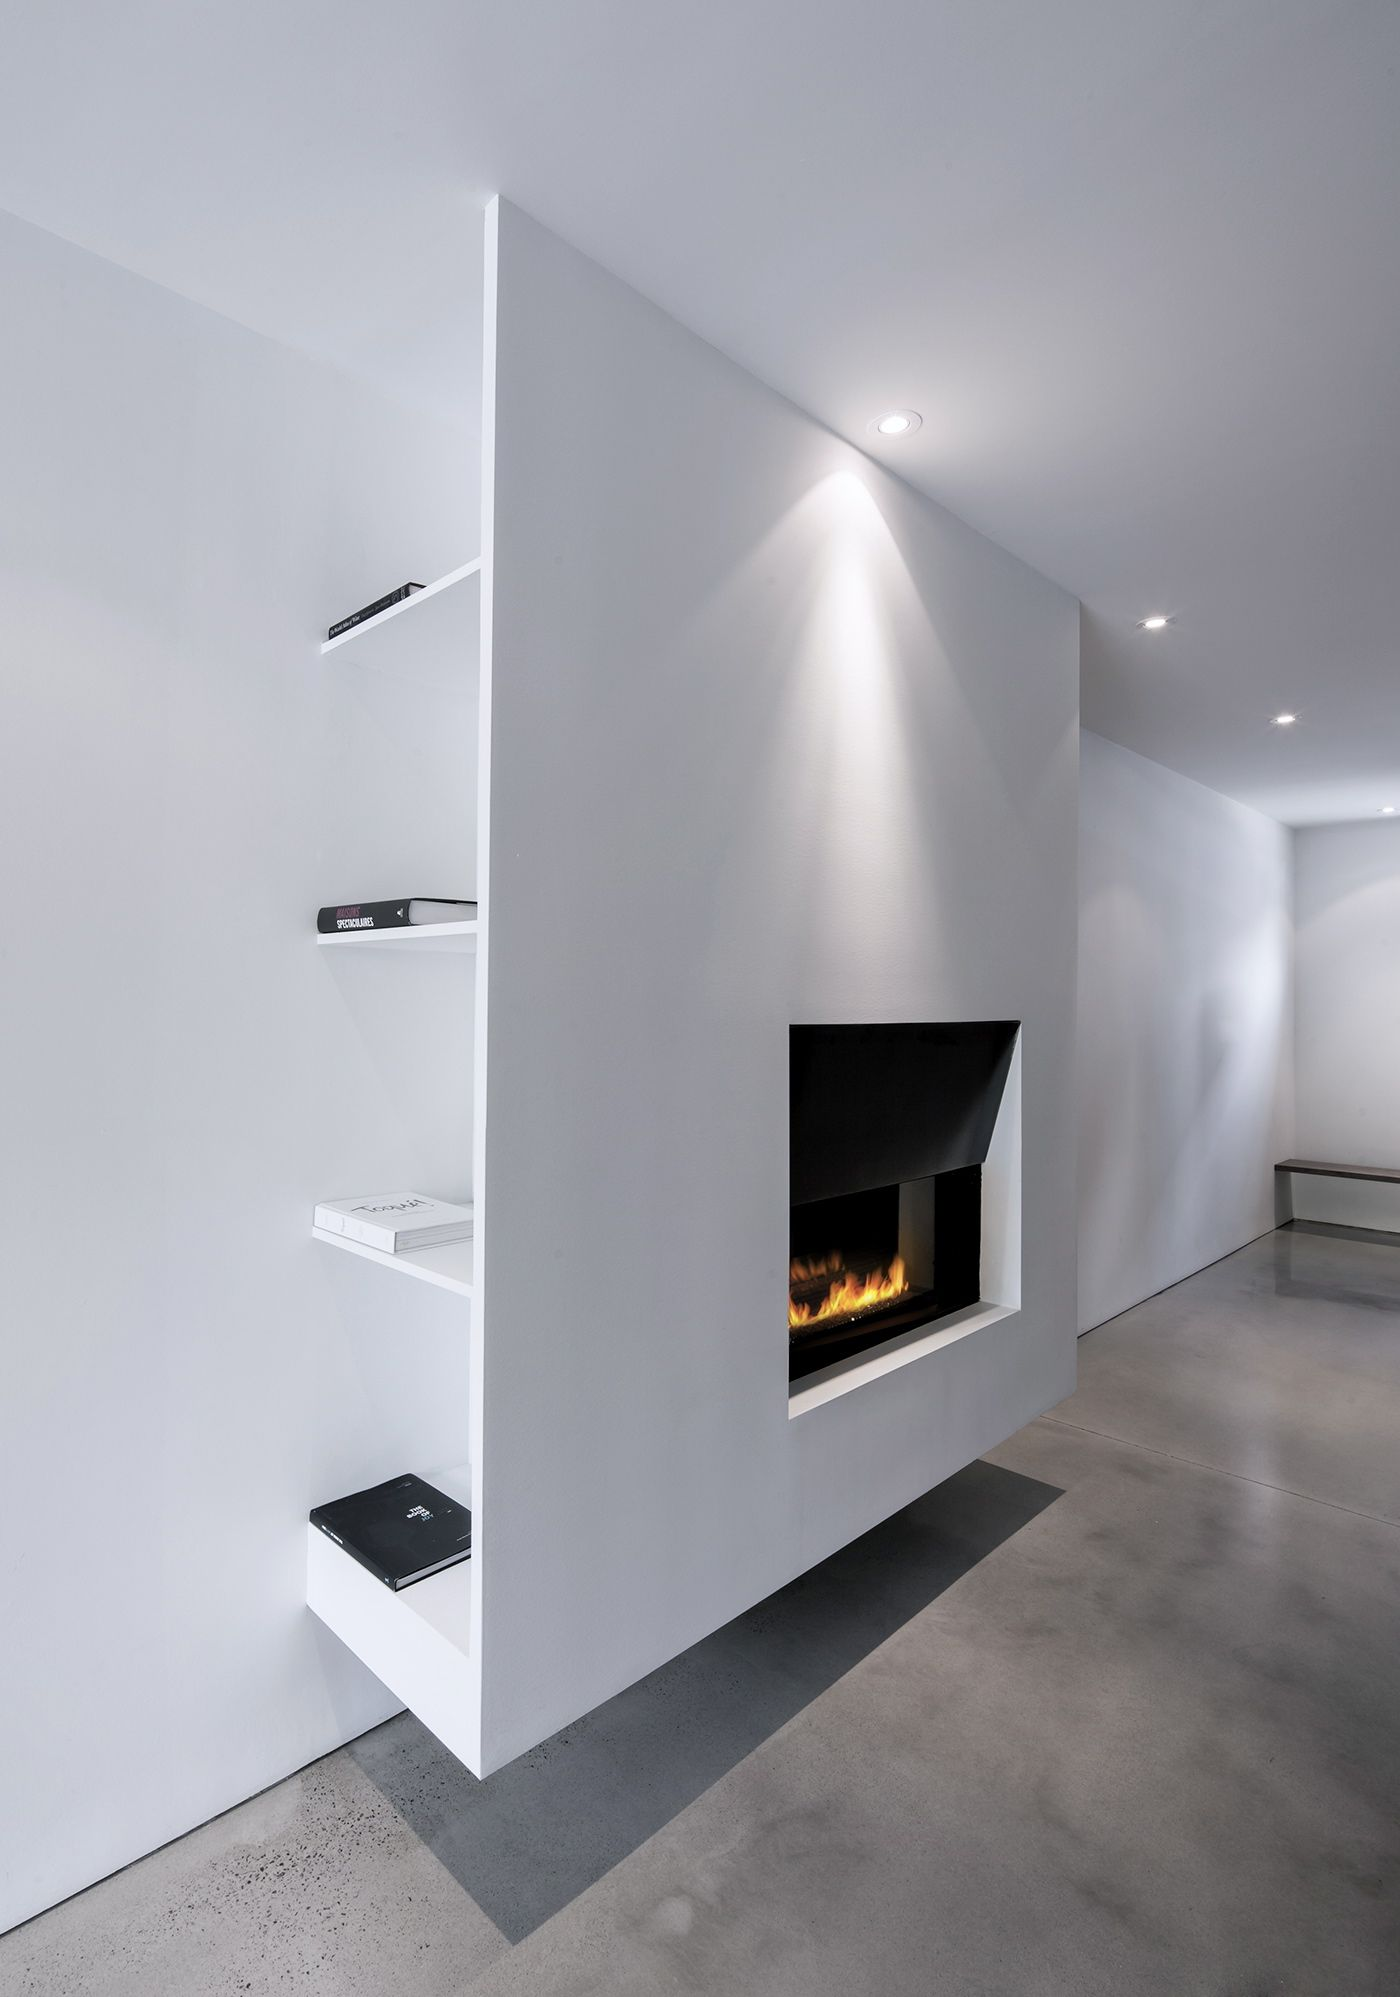 spot etagere derri re meuble et fa ade suspendue chemin es pinterest meuble r sidence et. Black Bedroom Furniture Sets. Home Design Ideas